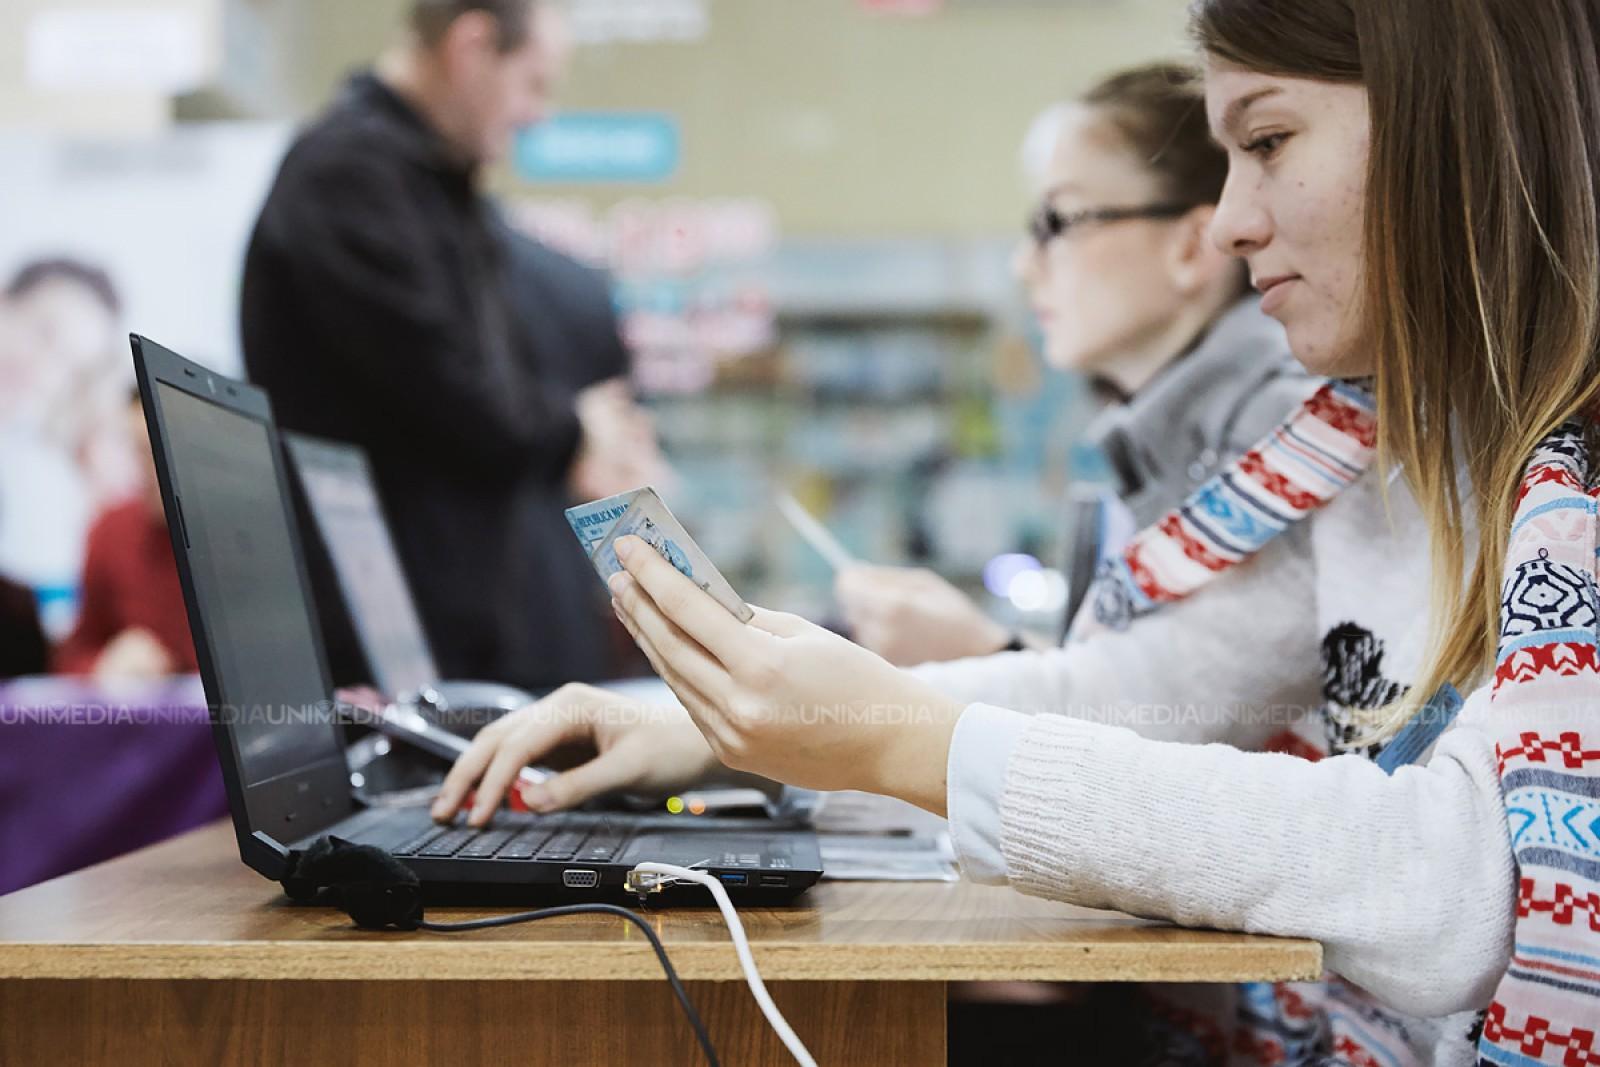 Alegerile locale din 20 mai. Mai sunt două zile în care alegătorii pot verifica online listele electorale